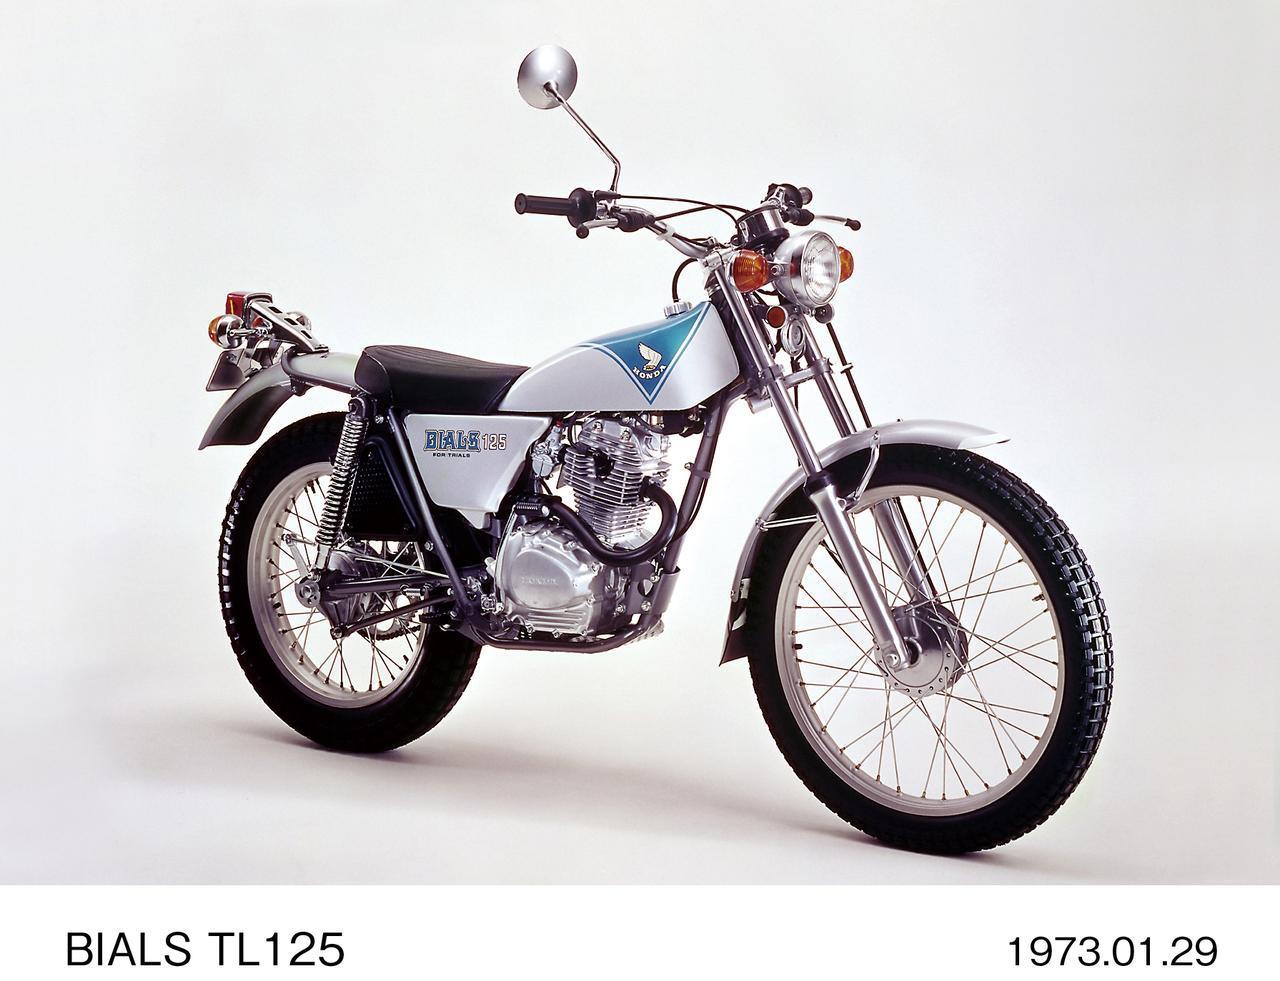 画像: < 主要諸元> ●エンジン型式:空冷4 ストOHC2 バルブ単気筒●総排気量:124cc ●最高出力:8PS/8000rpm ●最大トルク:0.83kg-m/4000rpm ●乾燥重量:98kg ●燃料タンク容量:4.5L ●前・後ブレーキ:ドラム・ドラム ●前・後タイヤサイズ:2.75-21・4.00-18 ●発売年月:1975年7月 ※諸元は1975 年モデル